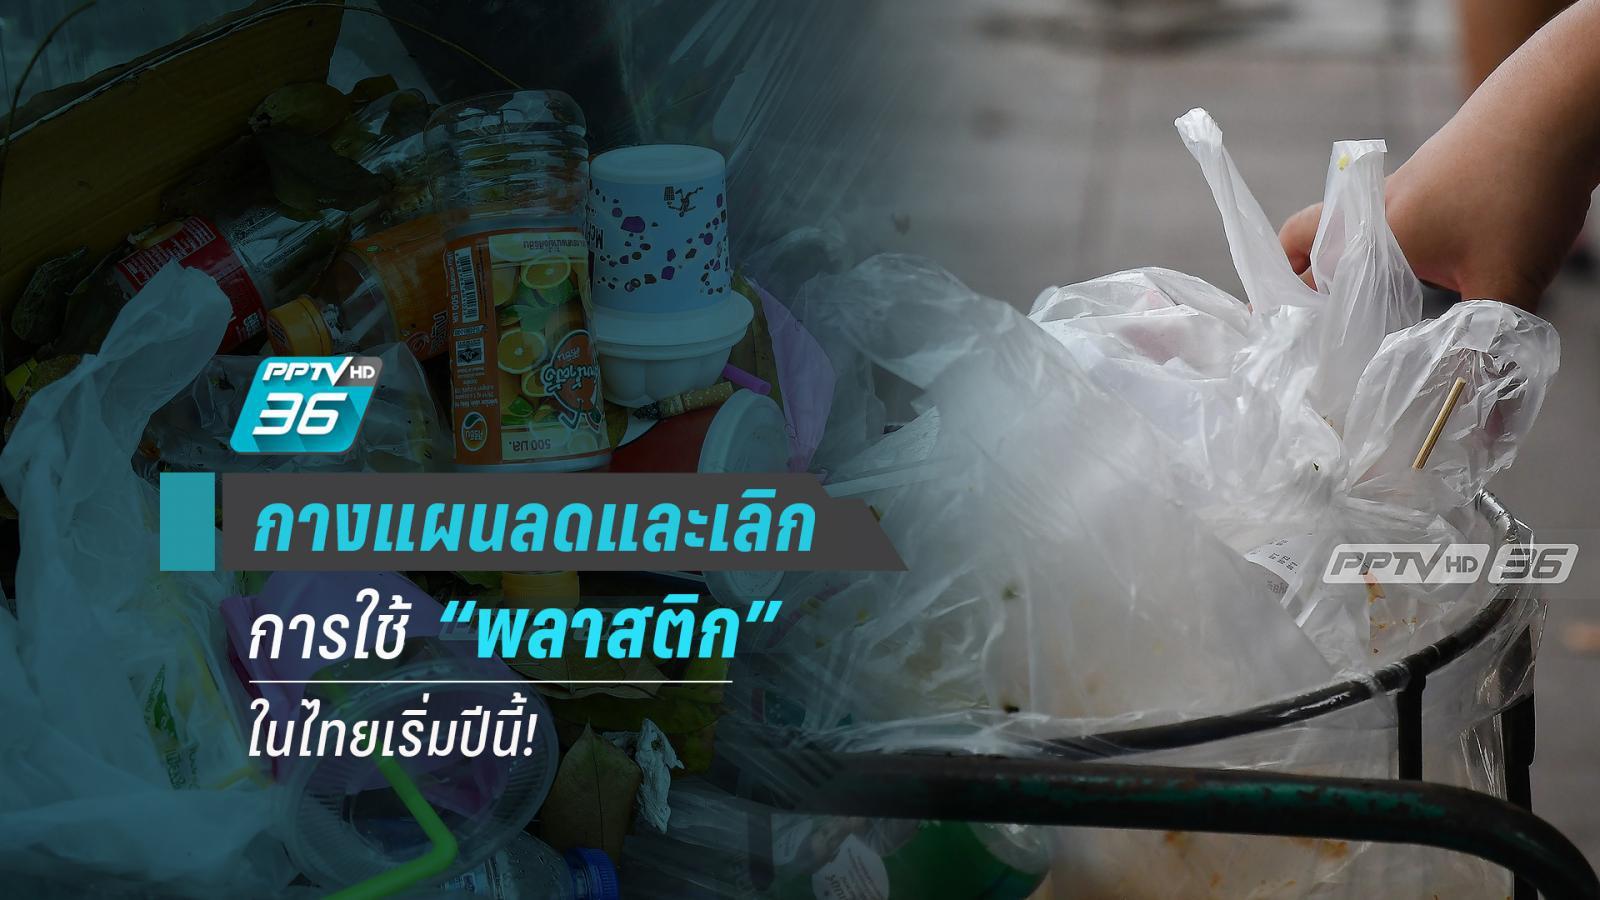 """อีก 12 ปี """"ขยะพลาสติก"""" หมดไปจากไทย"""